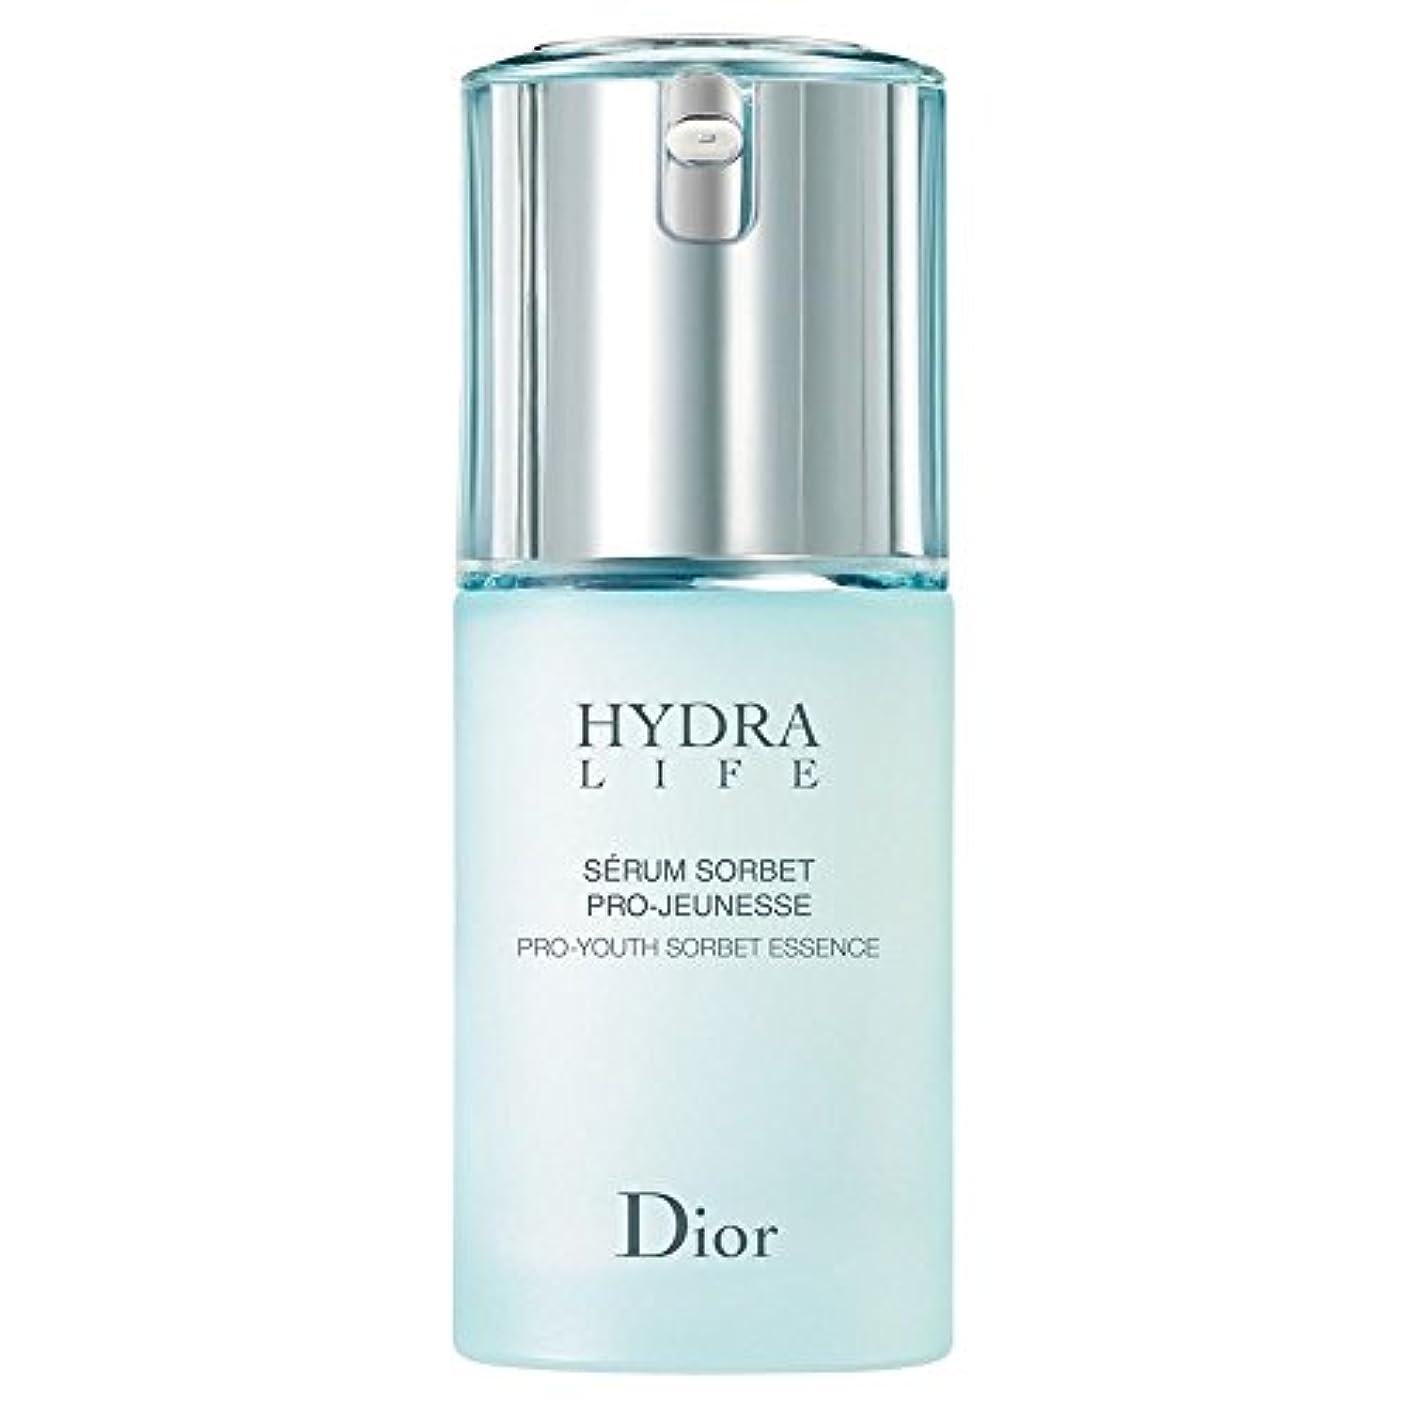 立法火曜日暴行[Dior] ディオールヒドラライフプロ若者シャーベットセラム30Ml - Dior Hydra Life Pro-Youth Sorbet Serum 30ml [並行輸入品]